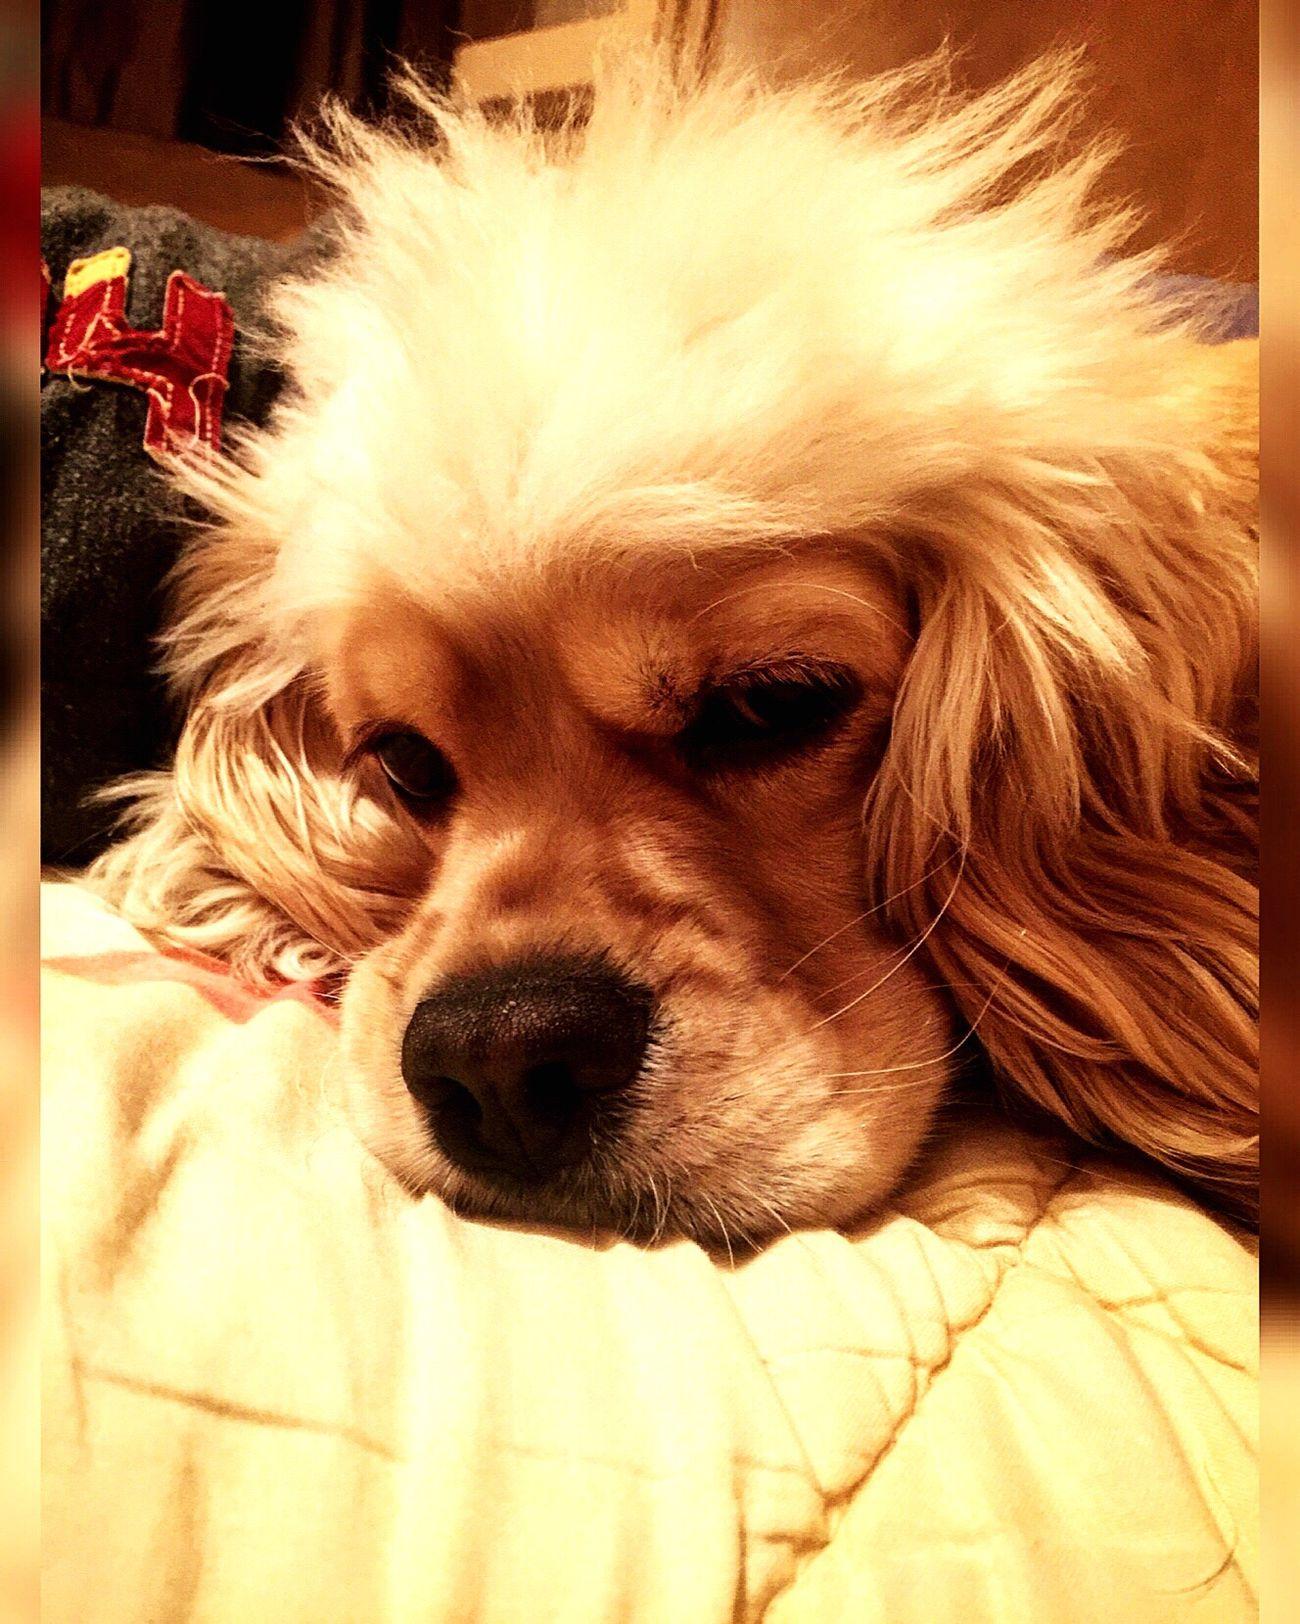 Goodnight Pets Dog Resting Goodnight First Eyeem Photo Eyem Gallery Eyemphotos Eyemdog Puppy Puppy Love Blonde Lovely